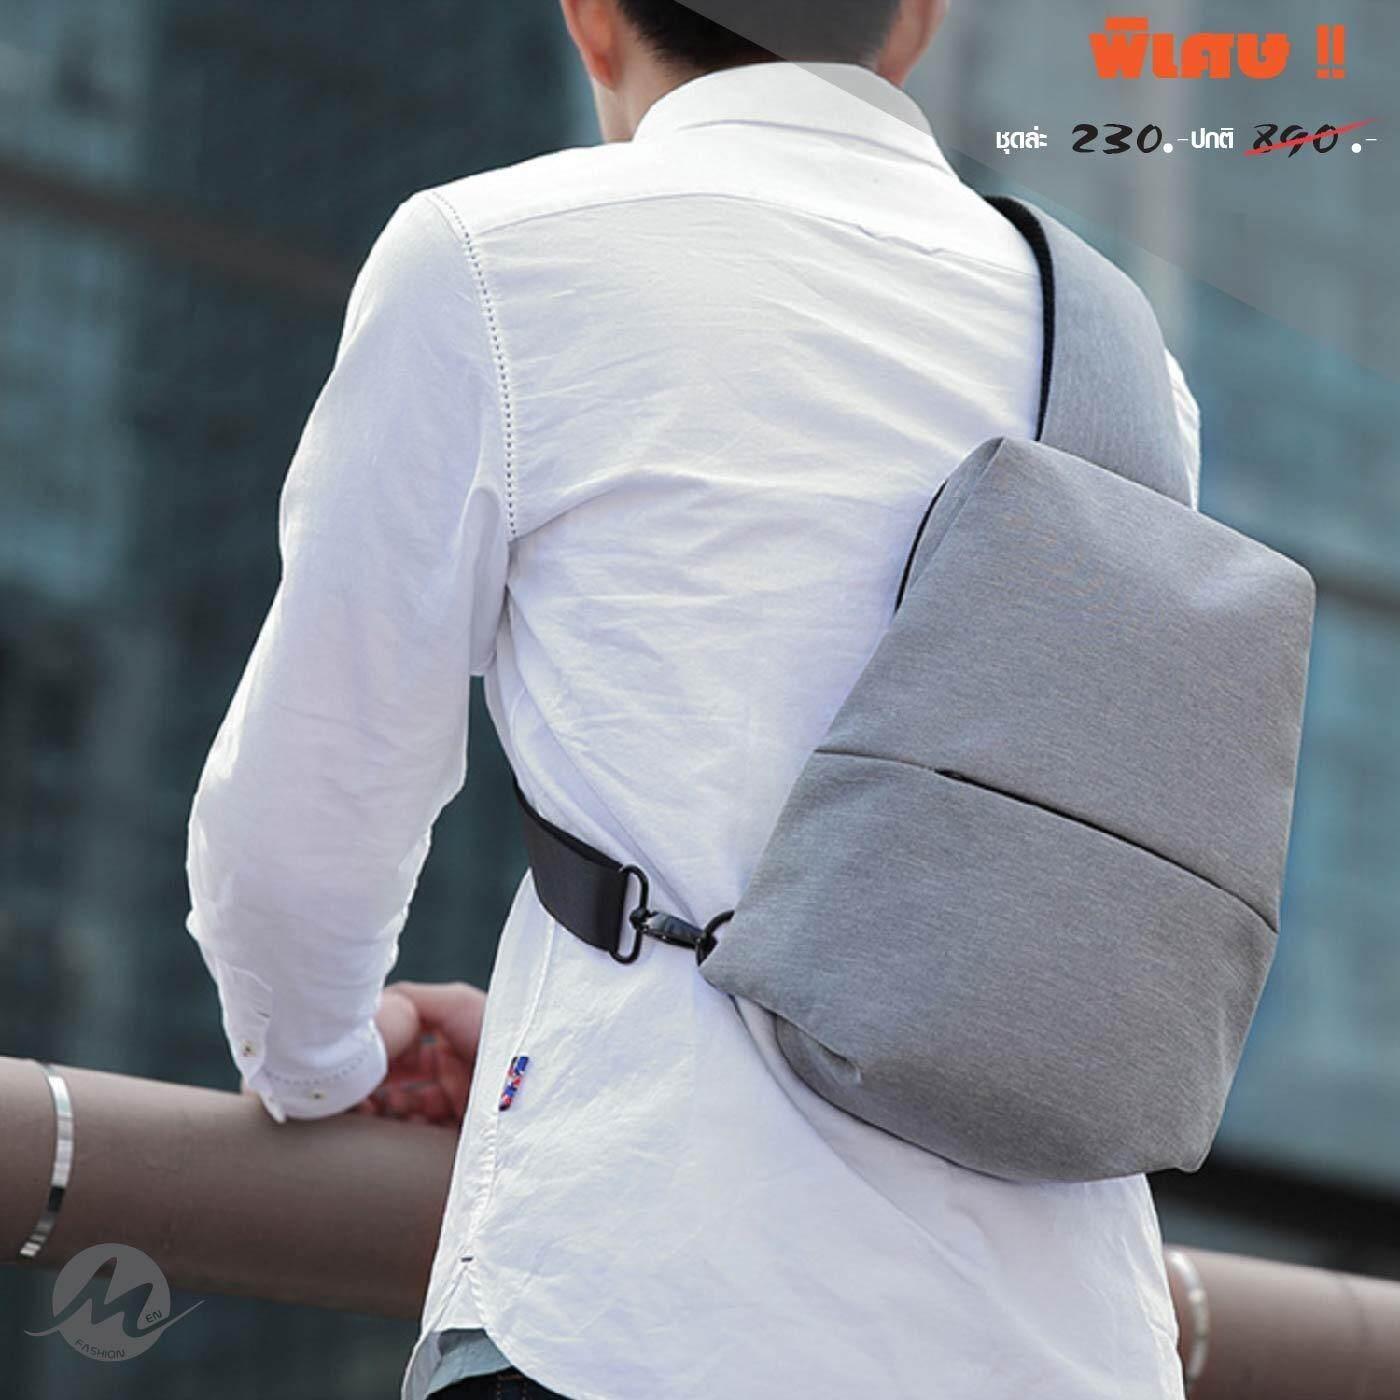 ราคา กระเป๋า กระเป๋าผู้ชาย กระเป๋าแฟชั่นผู้ชาย กระเป๋าสะพายข้างลำตัว กระเป๋าคาดอก ขนาด 32X17 5X8 สีเทา เป็นต้นฉบับ